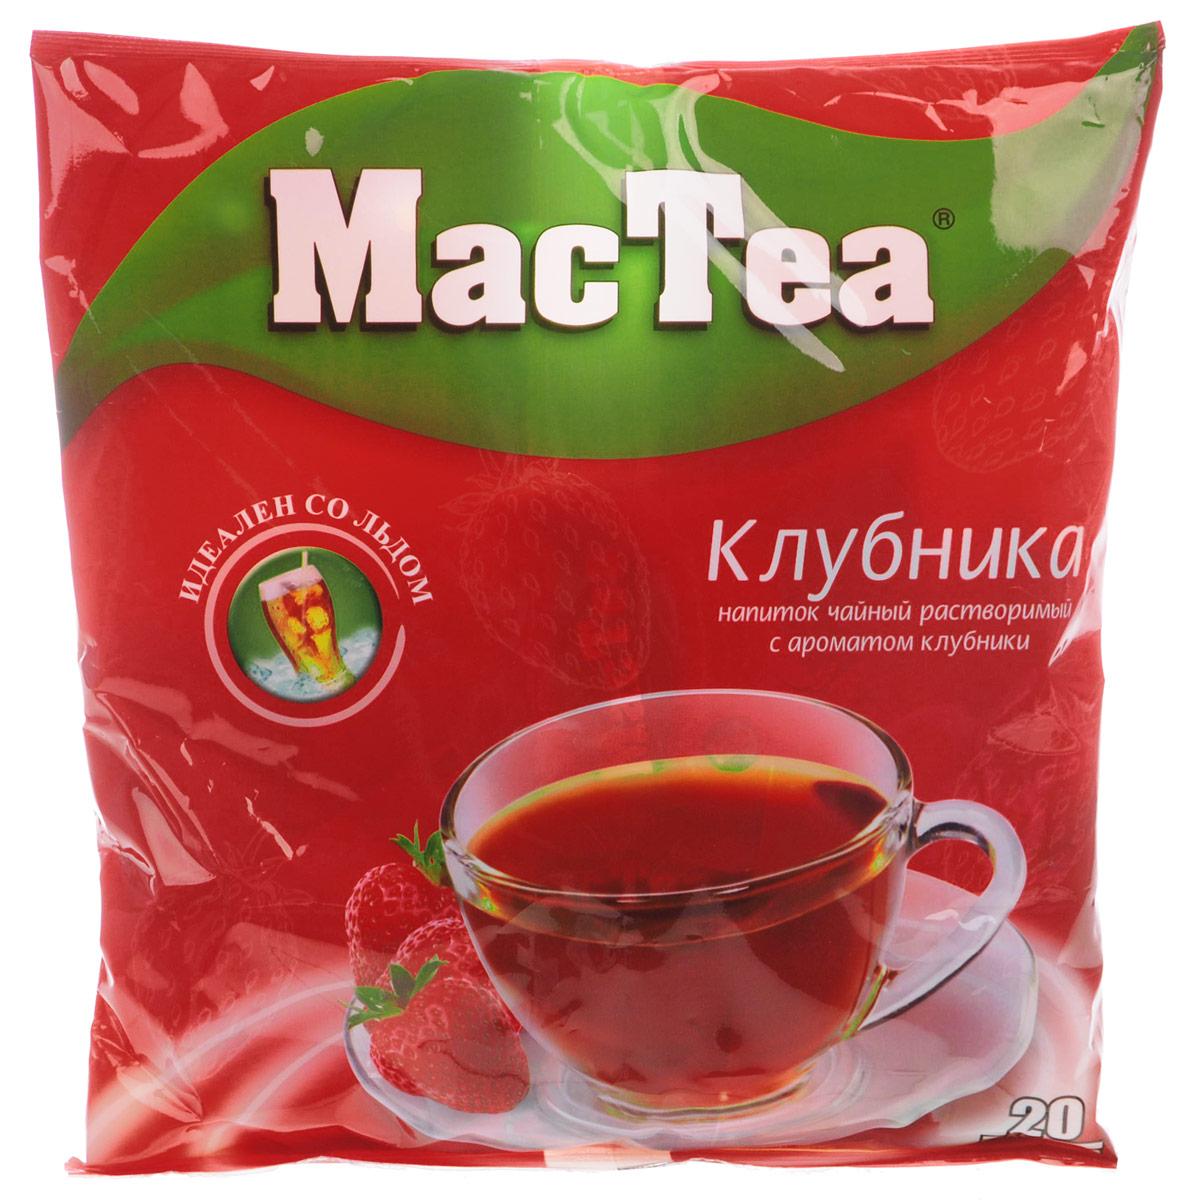 MacTea напиток чайный с клубникой, 20 шт